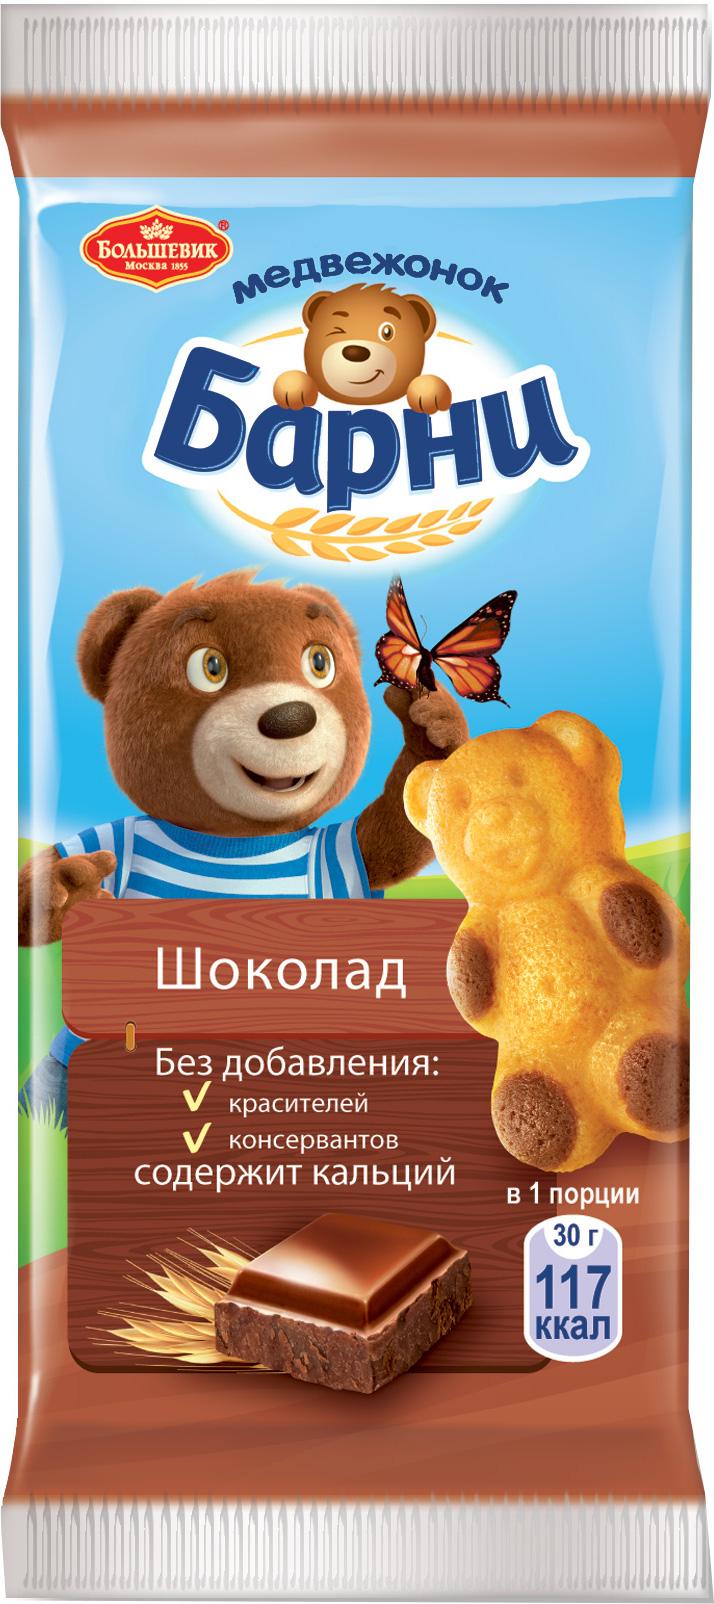 Пирожное Барни Медвежонок Барни бисквитное с яблочной начинкой 30 г цена и фото